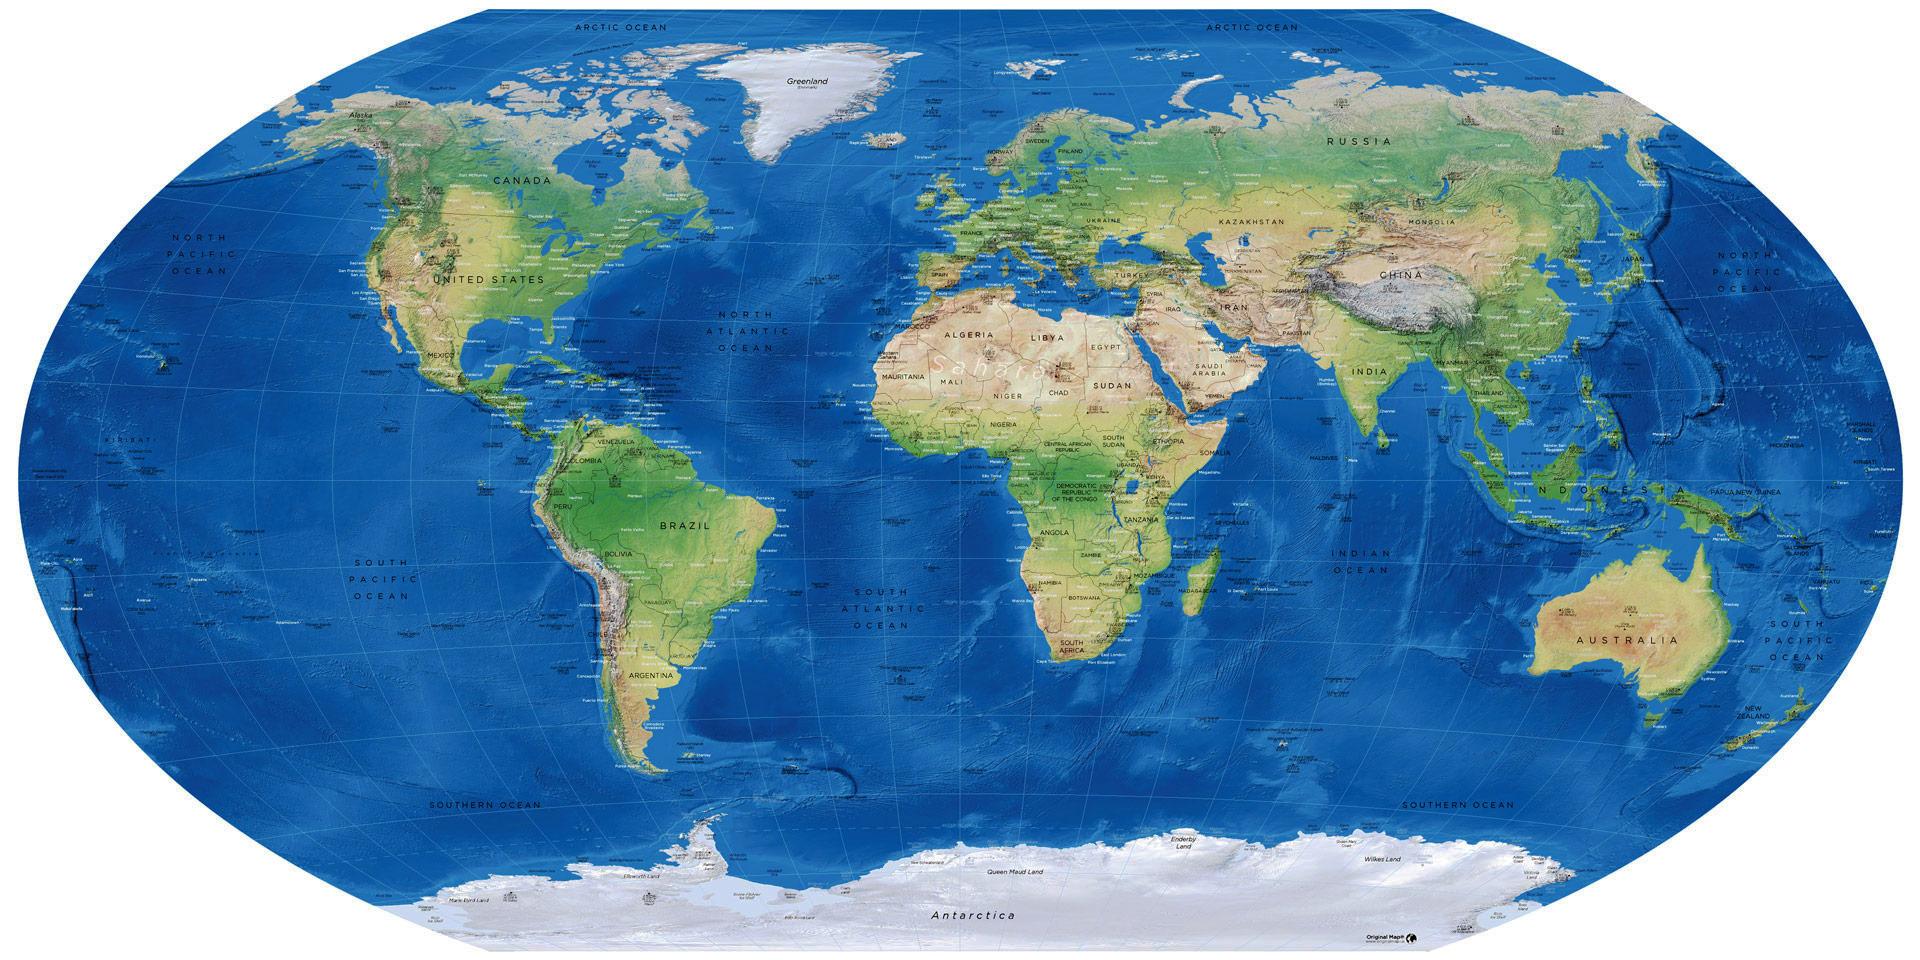 world map winkel-tripel projection